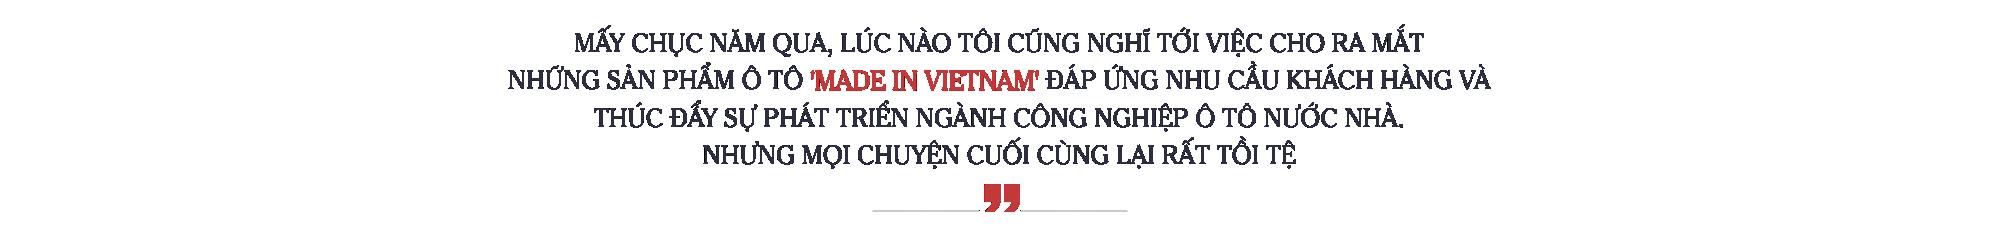 Một thập kỷ vun đắp giấc mơ ngành công nghiệp ô tô 'Made in Vietnam' - Ảnh 4.